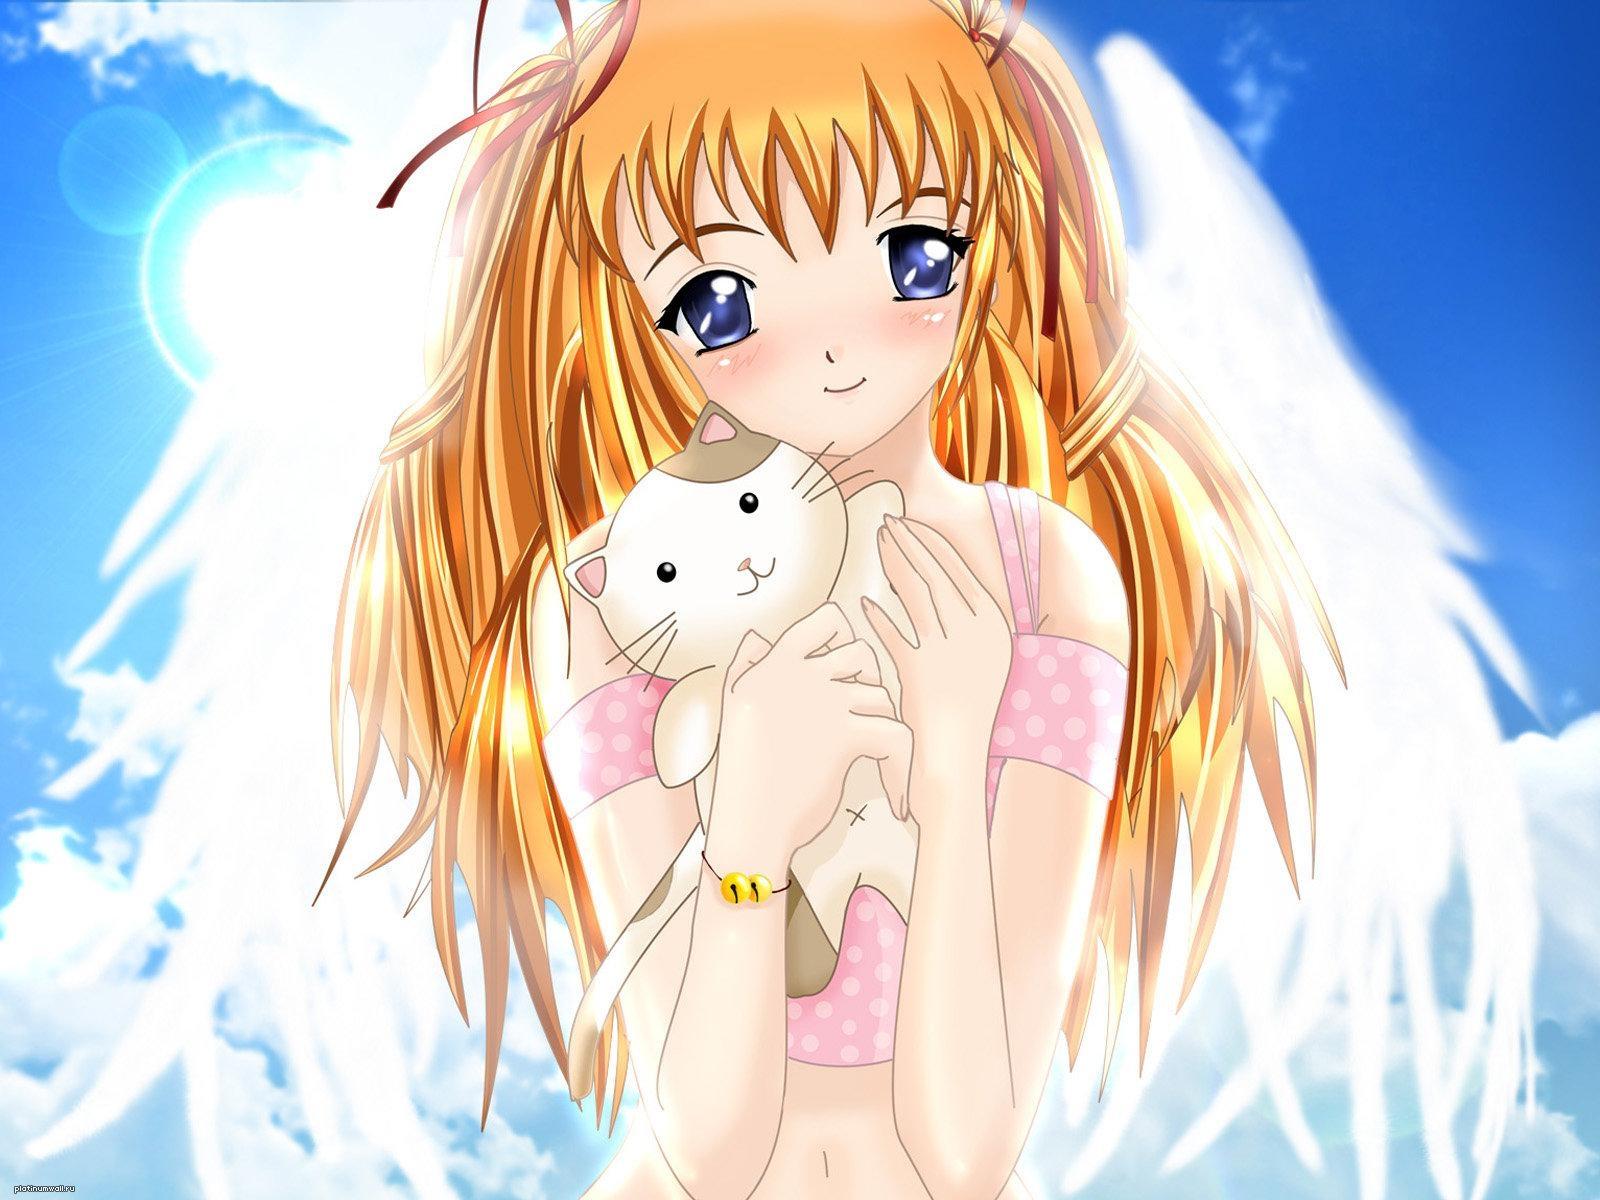 Вторник добрым, прикольные красивые картинки аниме девушек